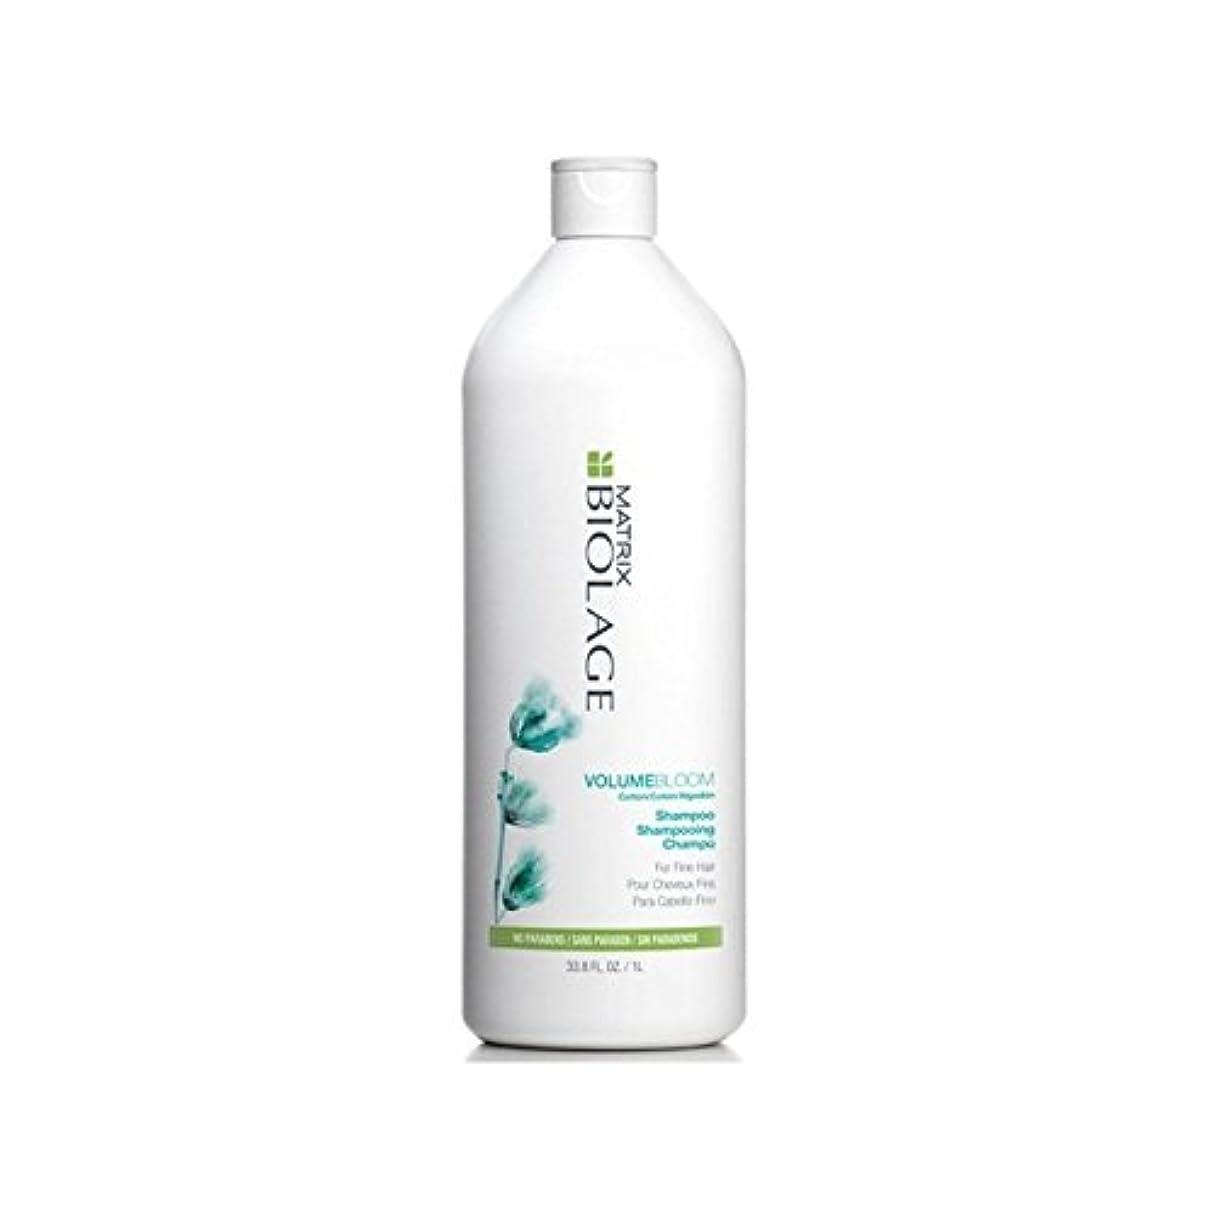 香水合併症ピカリングポンプを有するマトリックスシャンプー(千ミリリットル) x2 - Matrix Volumebloom Shampoo (1000ml) With Pump (Pack of 2) [並行輸入品]